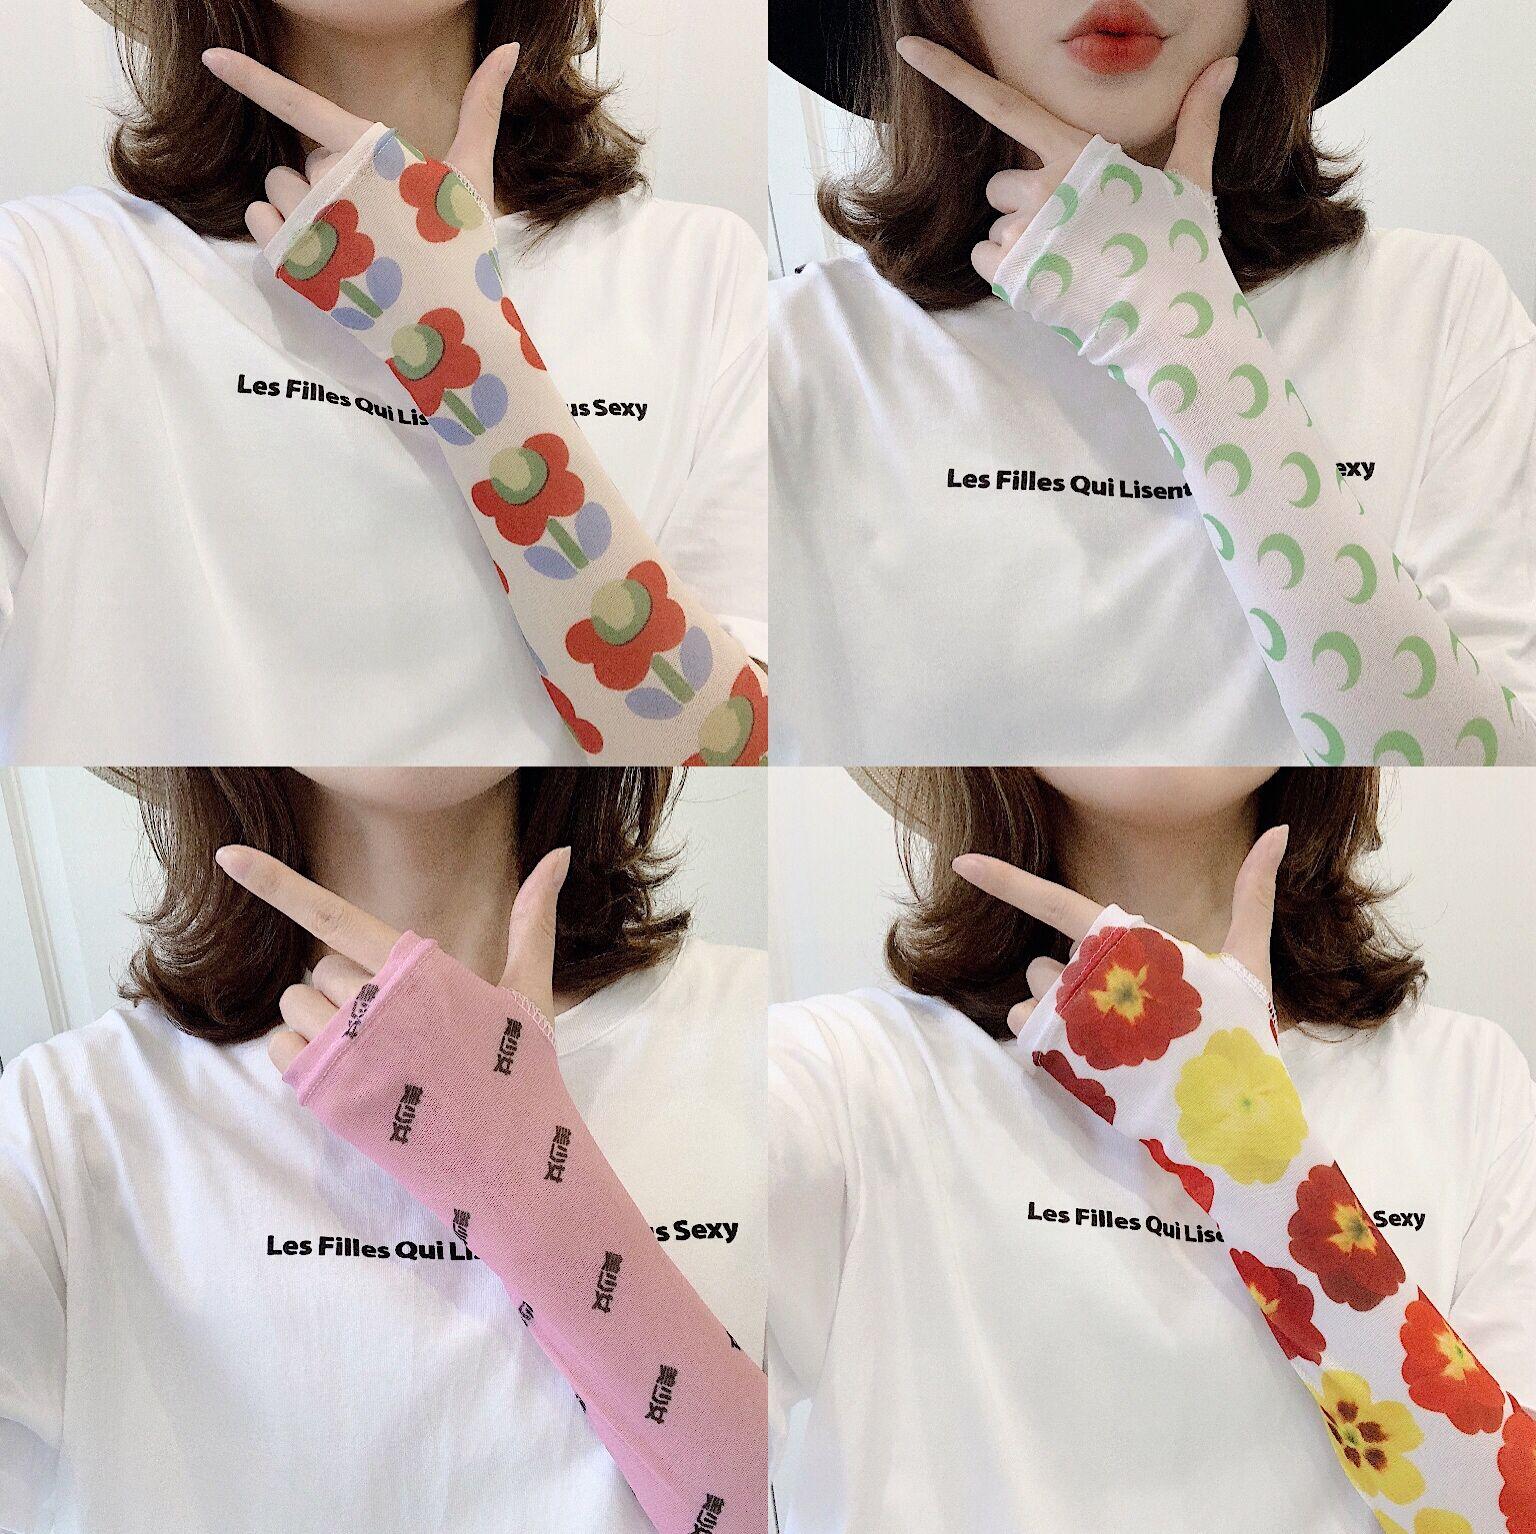 10-17新券冰袖女泫雅防紫外线韩版潮新款袖套